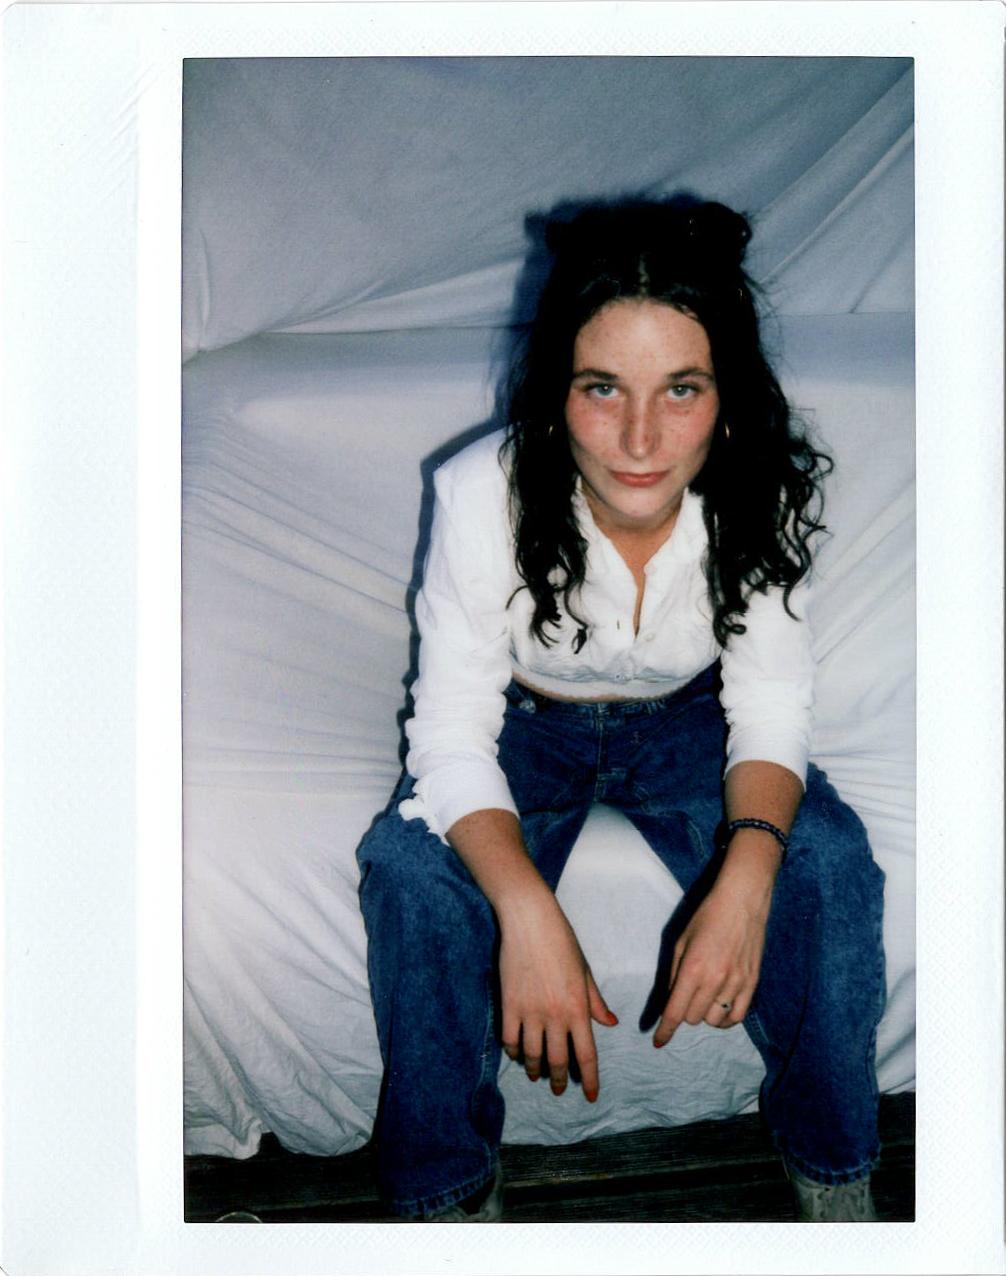 001_Valentine_Polaroid_©_Liebentritt